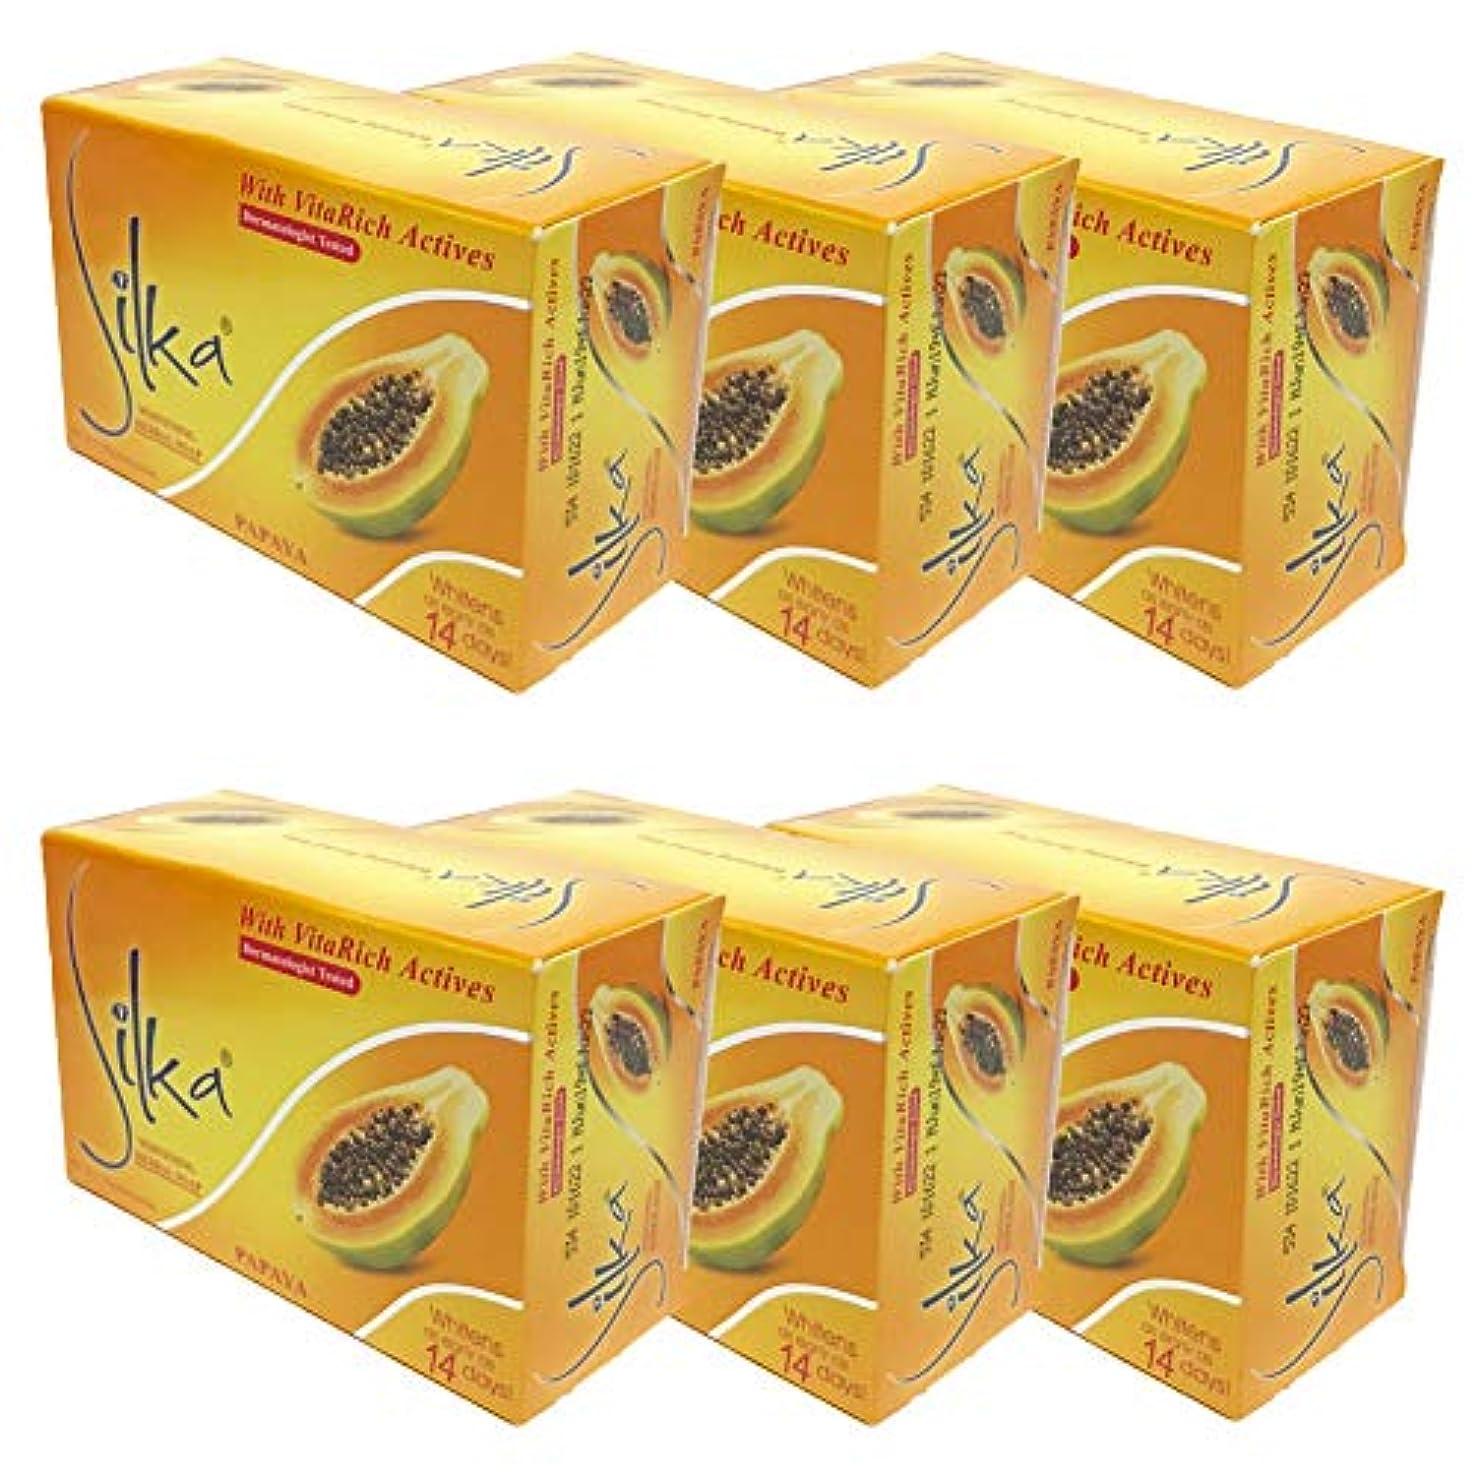 脅威無能アダルトシルカ パパイヤソープ 135g Silka Papaya Soap (6個セット)